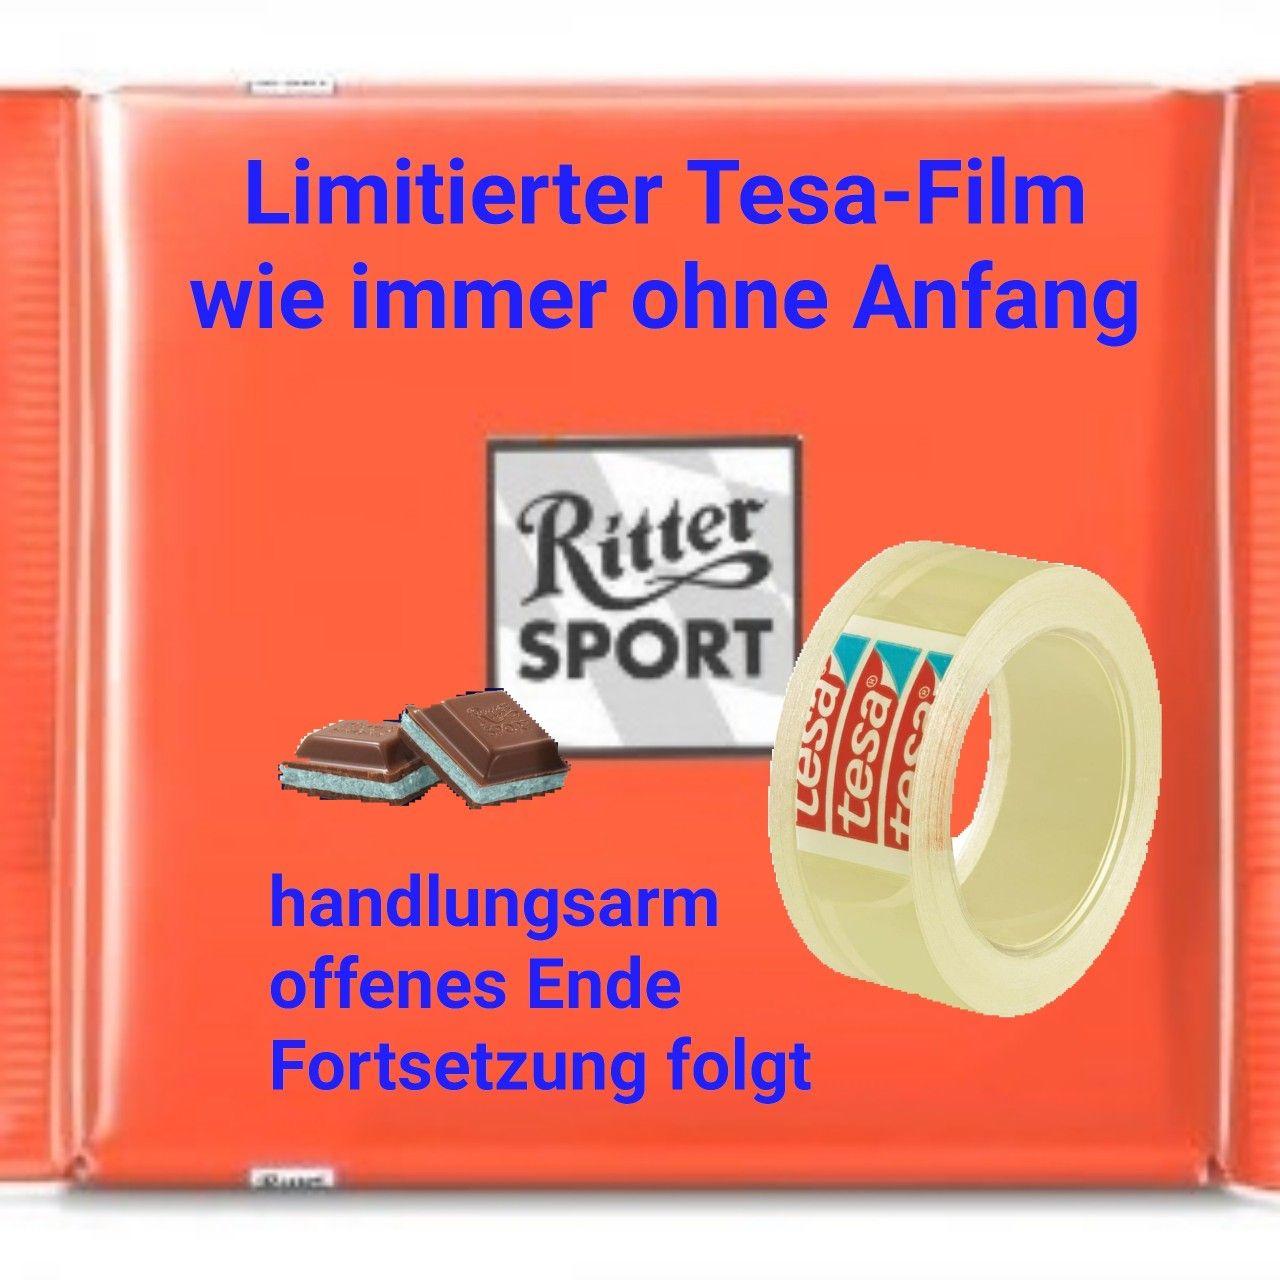 Lustige Ritter Sport Bilder